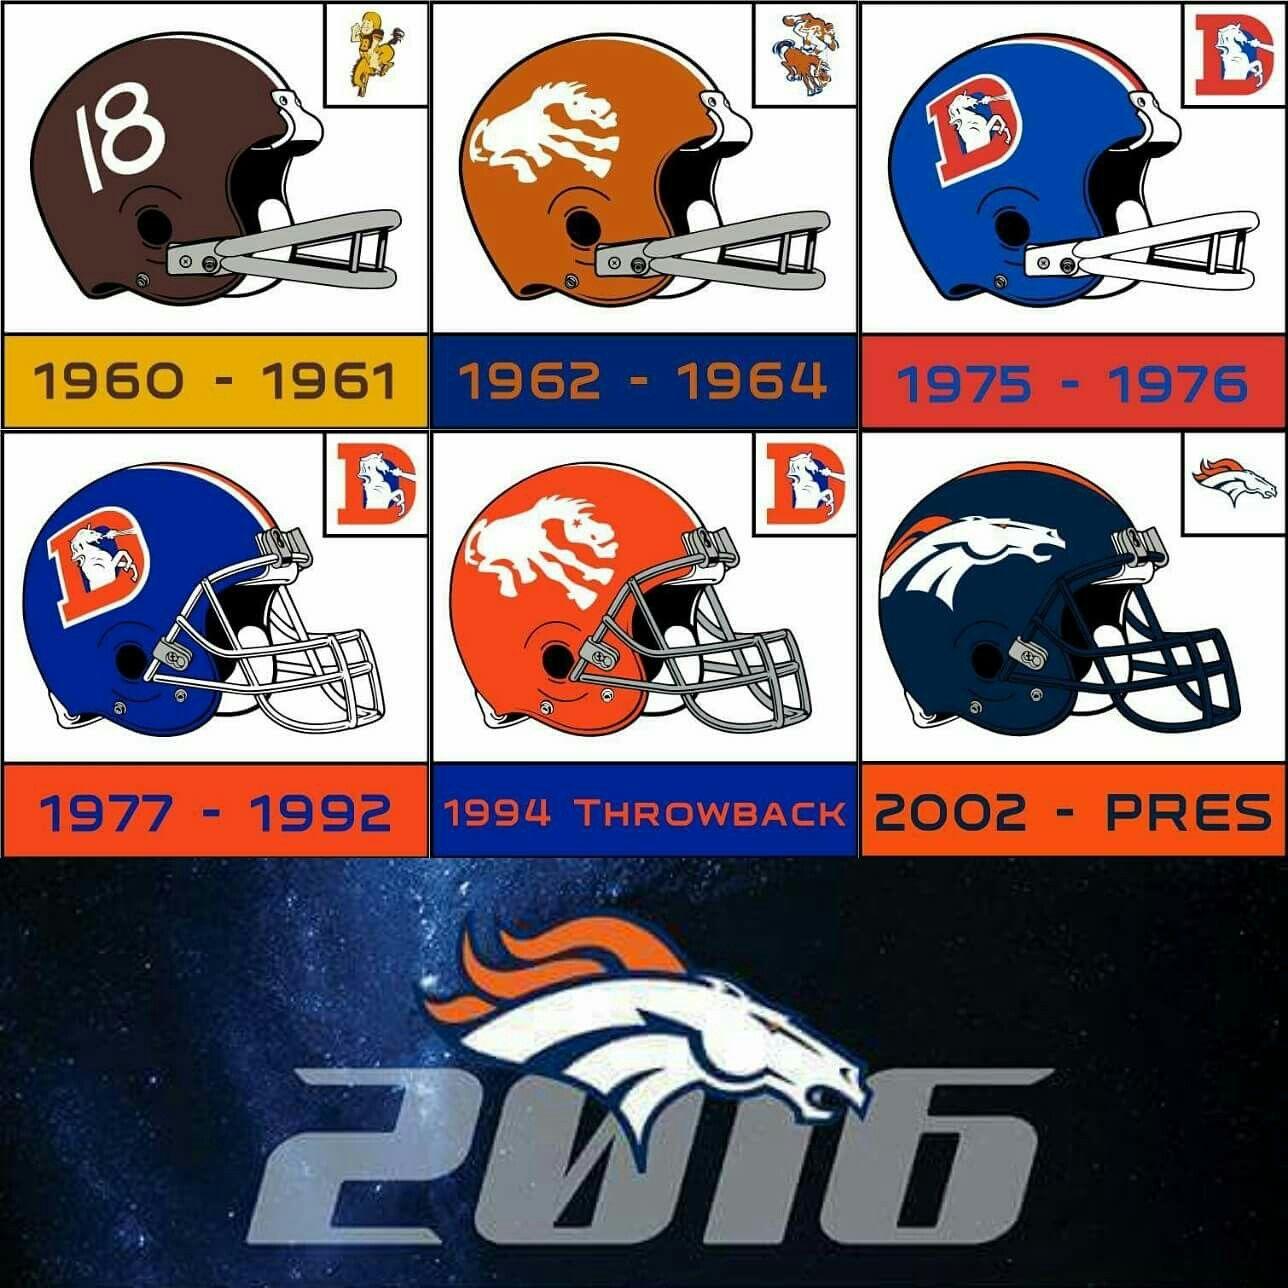 Denver Broncos logo history.